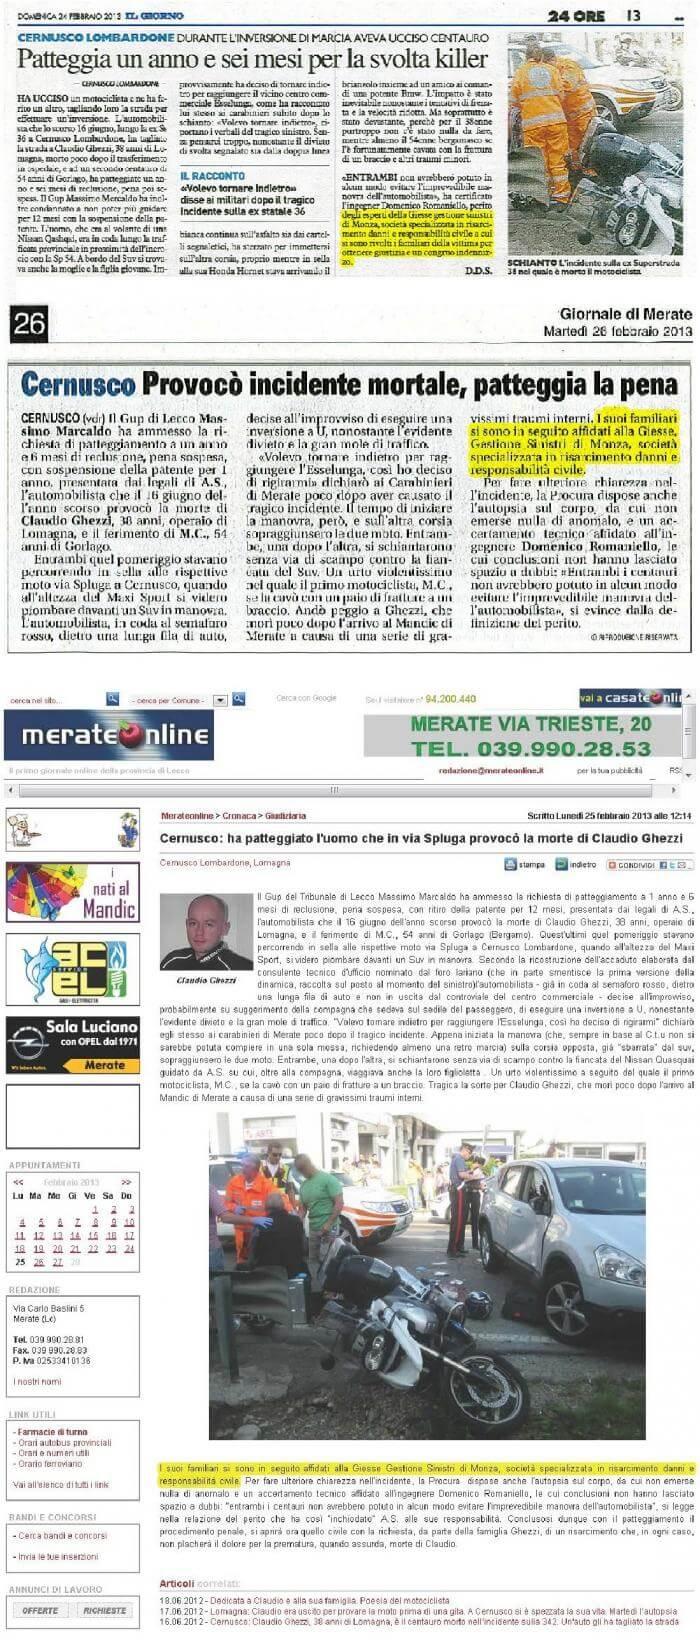 Articolo di giornale Ghezzi